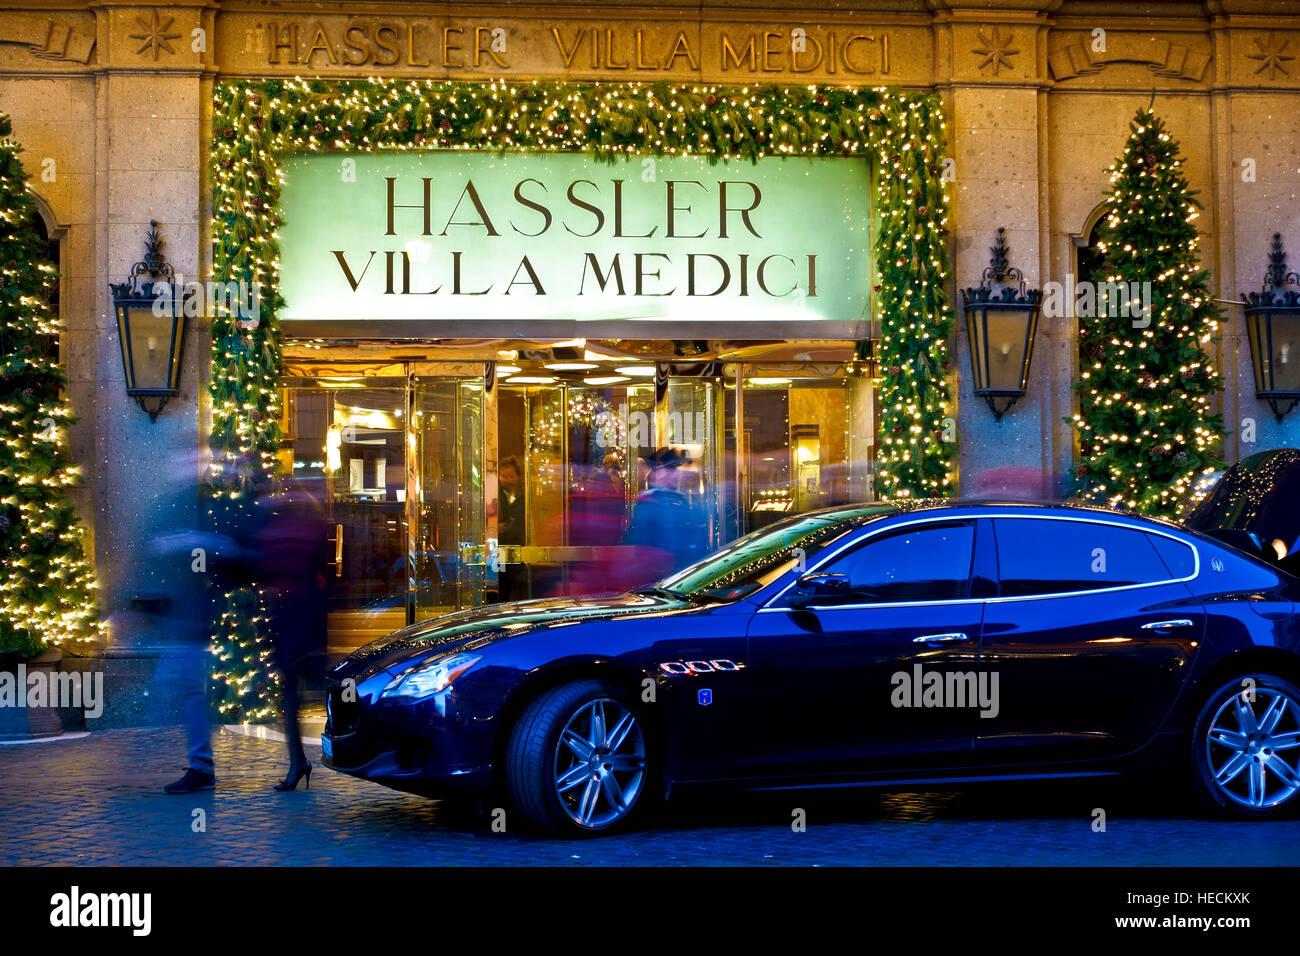 Hassler villa medici hotel entrance at christmas for Casa classica villa medici